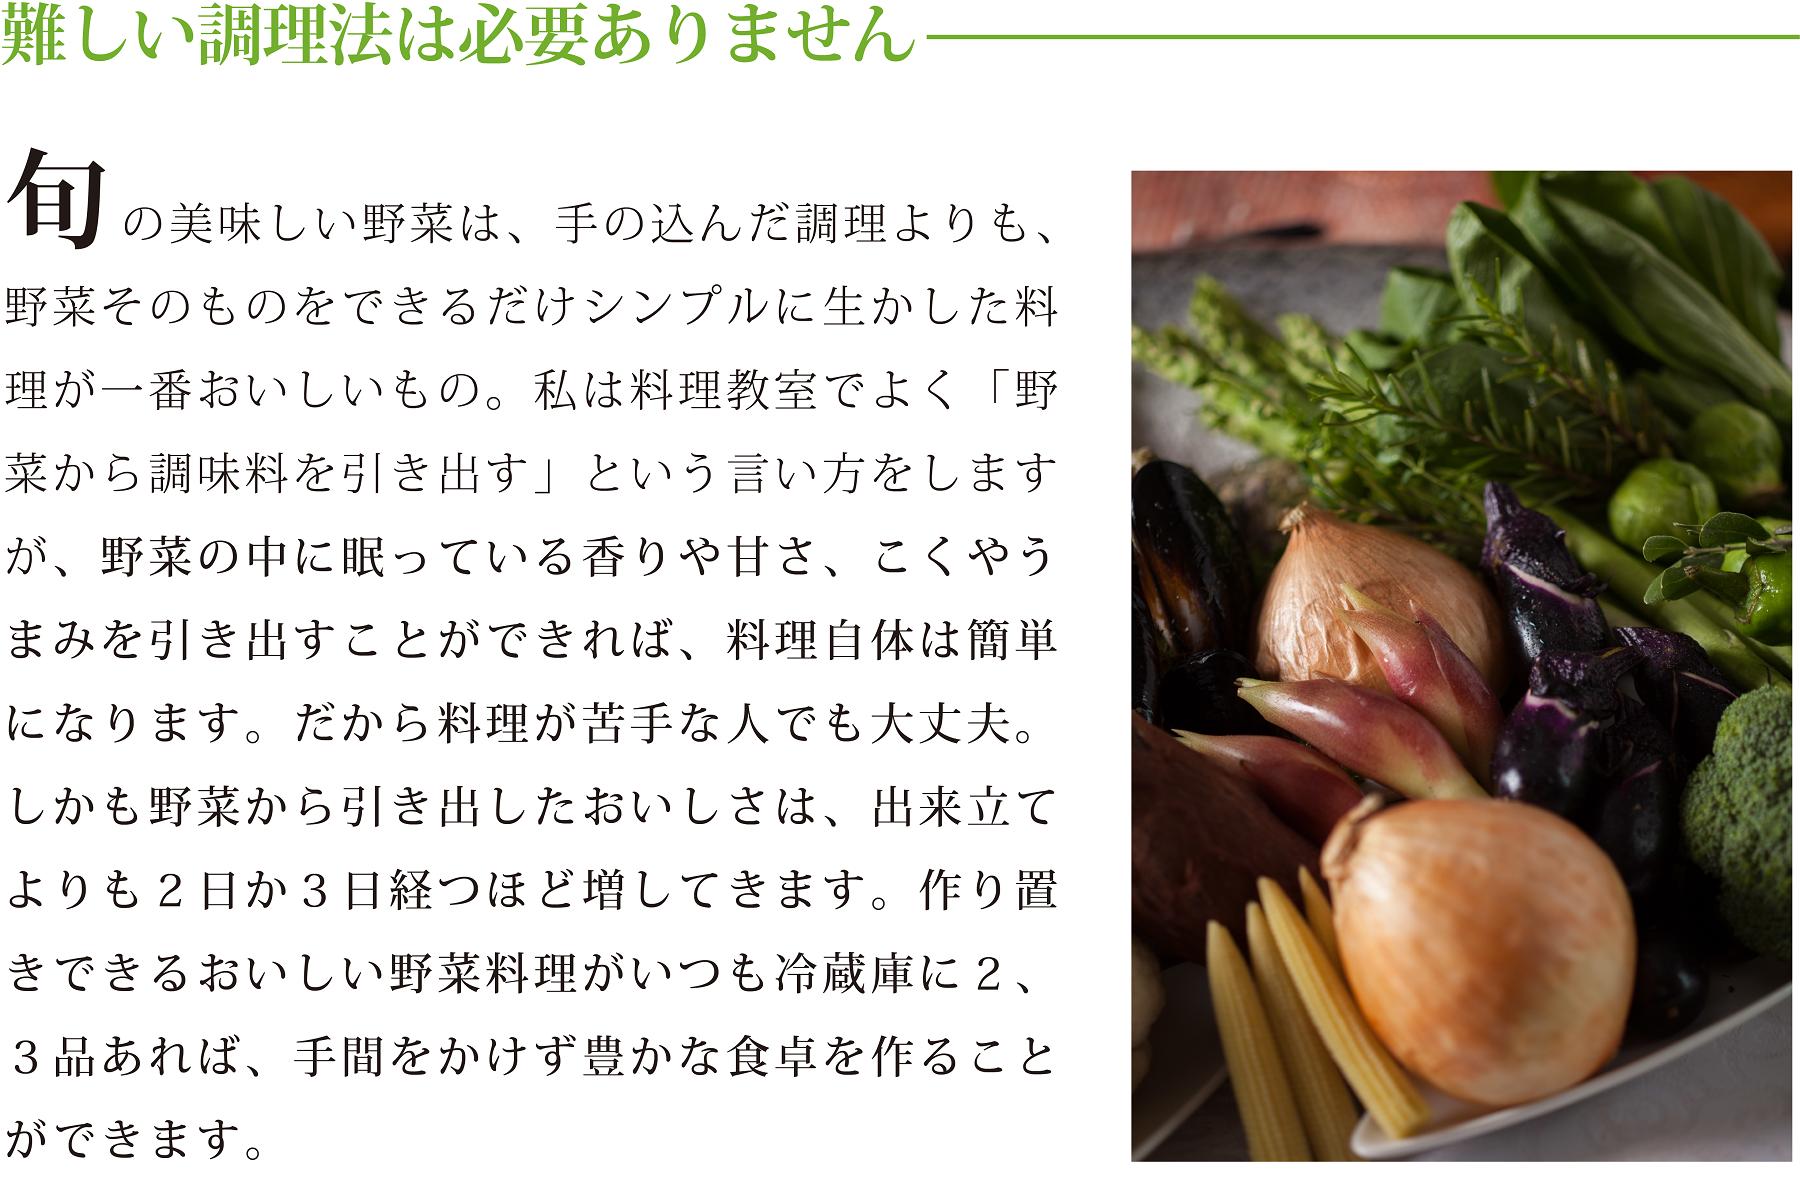 <難しい調理法は必要ありません> 旬の美味しい野菜は、手の込んだ調理よりも、野菜そのものをできるだけシンプルに生かした料理が一番おいしいもの。 私は料理教室でよく「野菜から調味料を引き出す」という言い方をしますが、野菜の中に眠っている香りや甘さ、こくやうまみを引き出すことができれば、料理自体は簡単になります。だから料理が苦手な人でも大丈夫。しかも野菜から引き出したおいしさは、出来立てよりも2日か3日経つほど増してきます。作り置きできるおいしい野菜料理がいつも冷蔵庫に2、3品あれば、手間をかけず豊かな食卓を作ることができます。